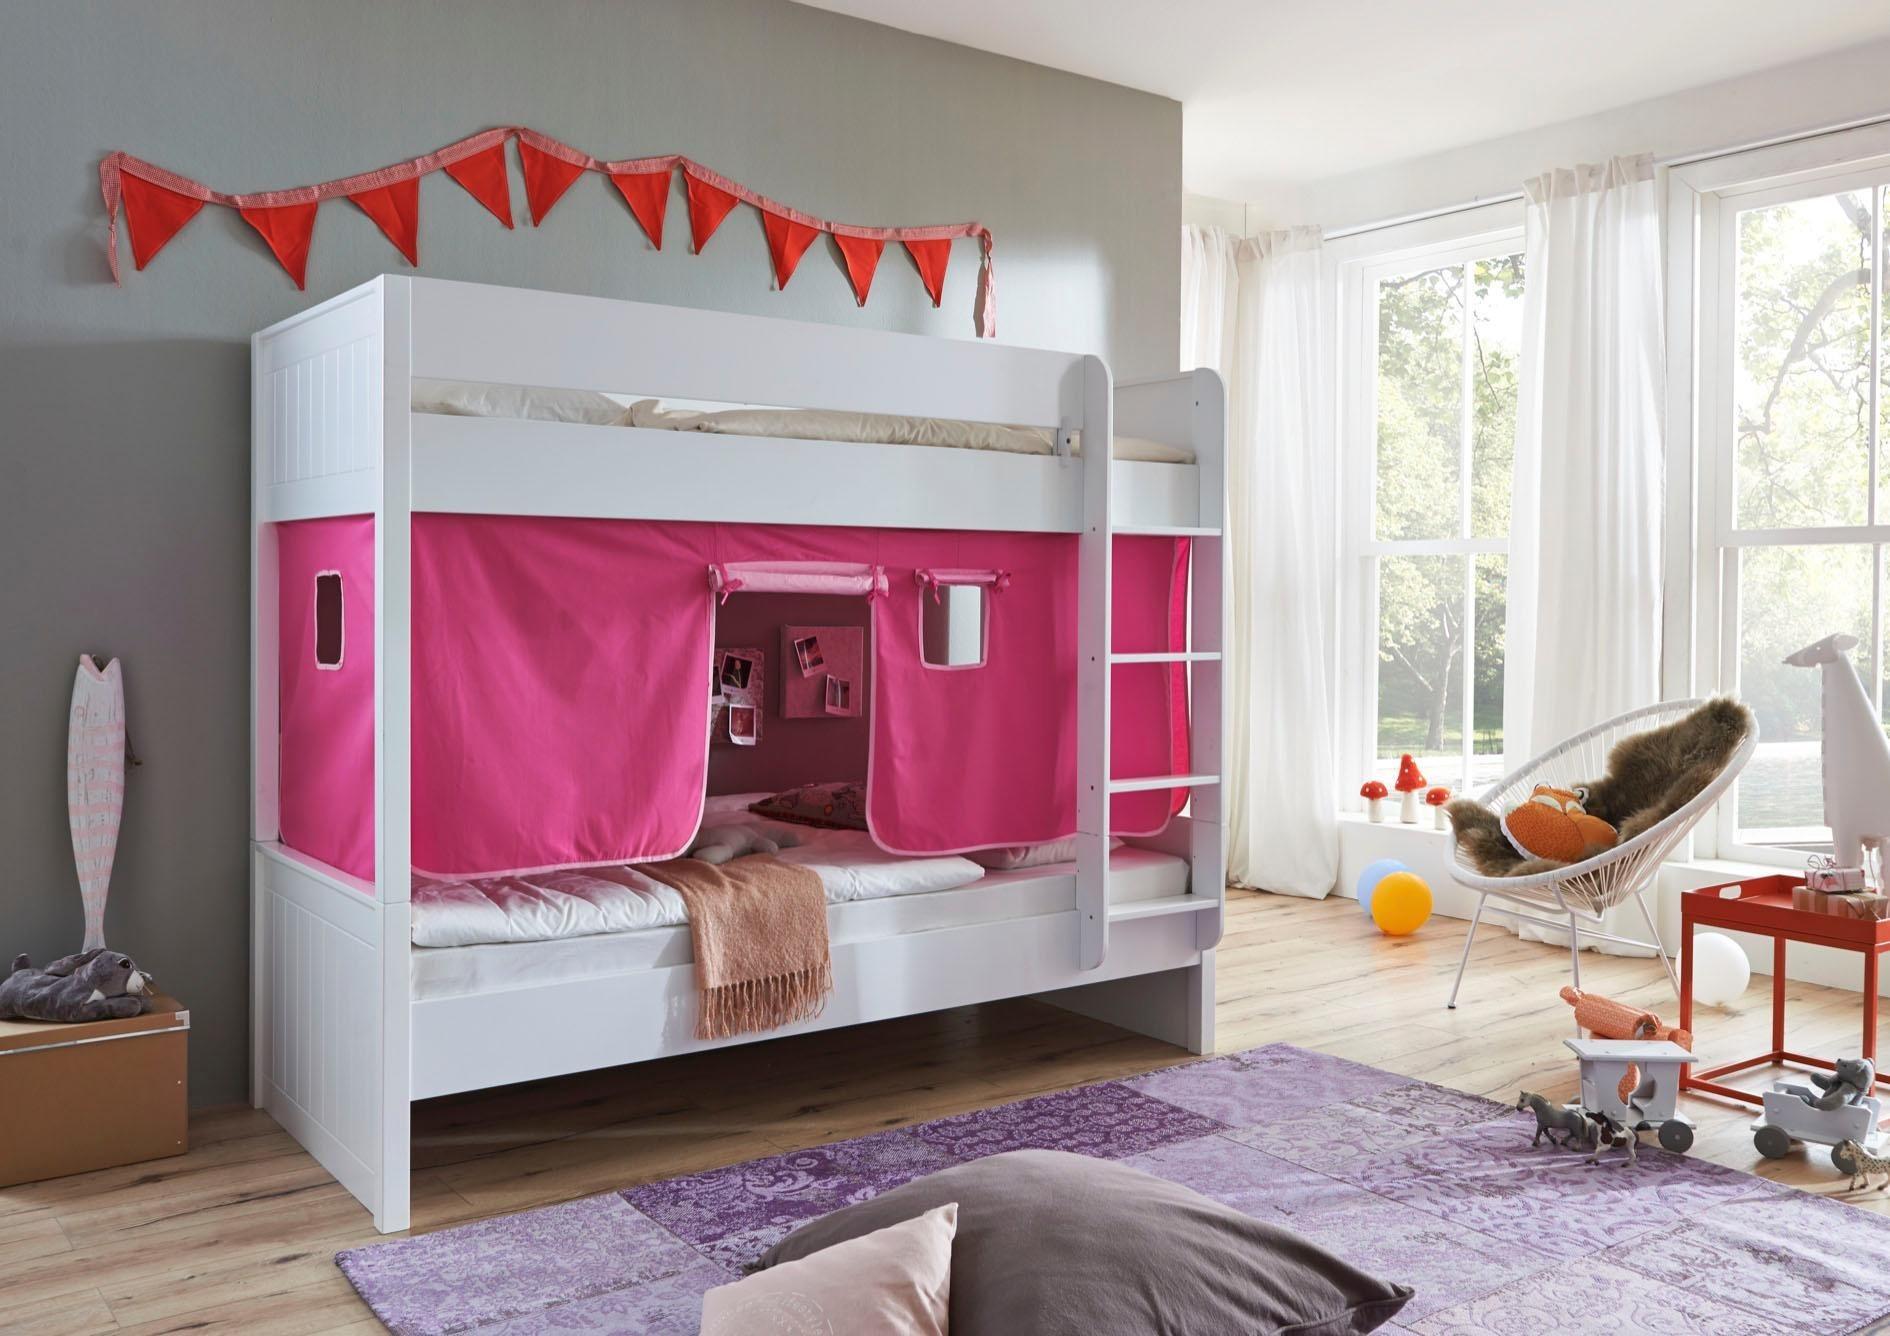 Relita Einzel-/Etagenbett »Luka« mit Vorhang-Set | Kinderzimmer > Kinderbetten > Etagenbetten | Farbig | Massiver - Mdf - Baumwolle | Relita